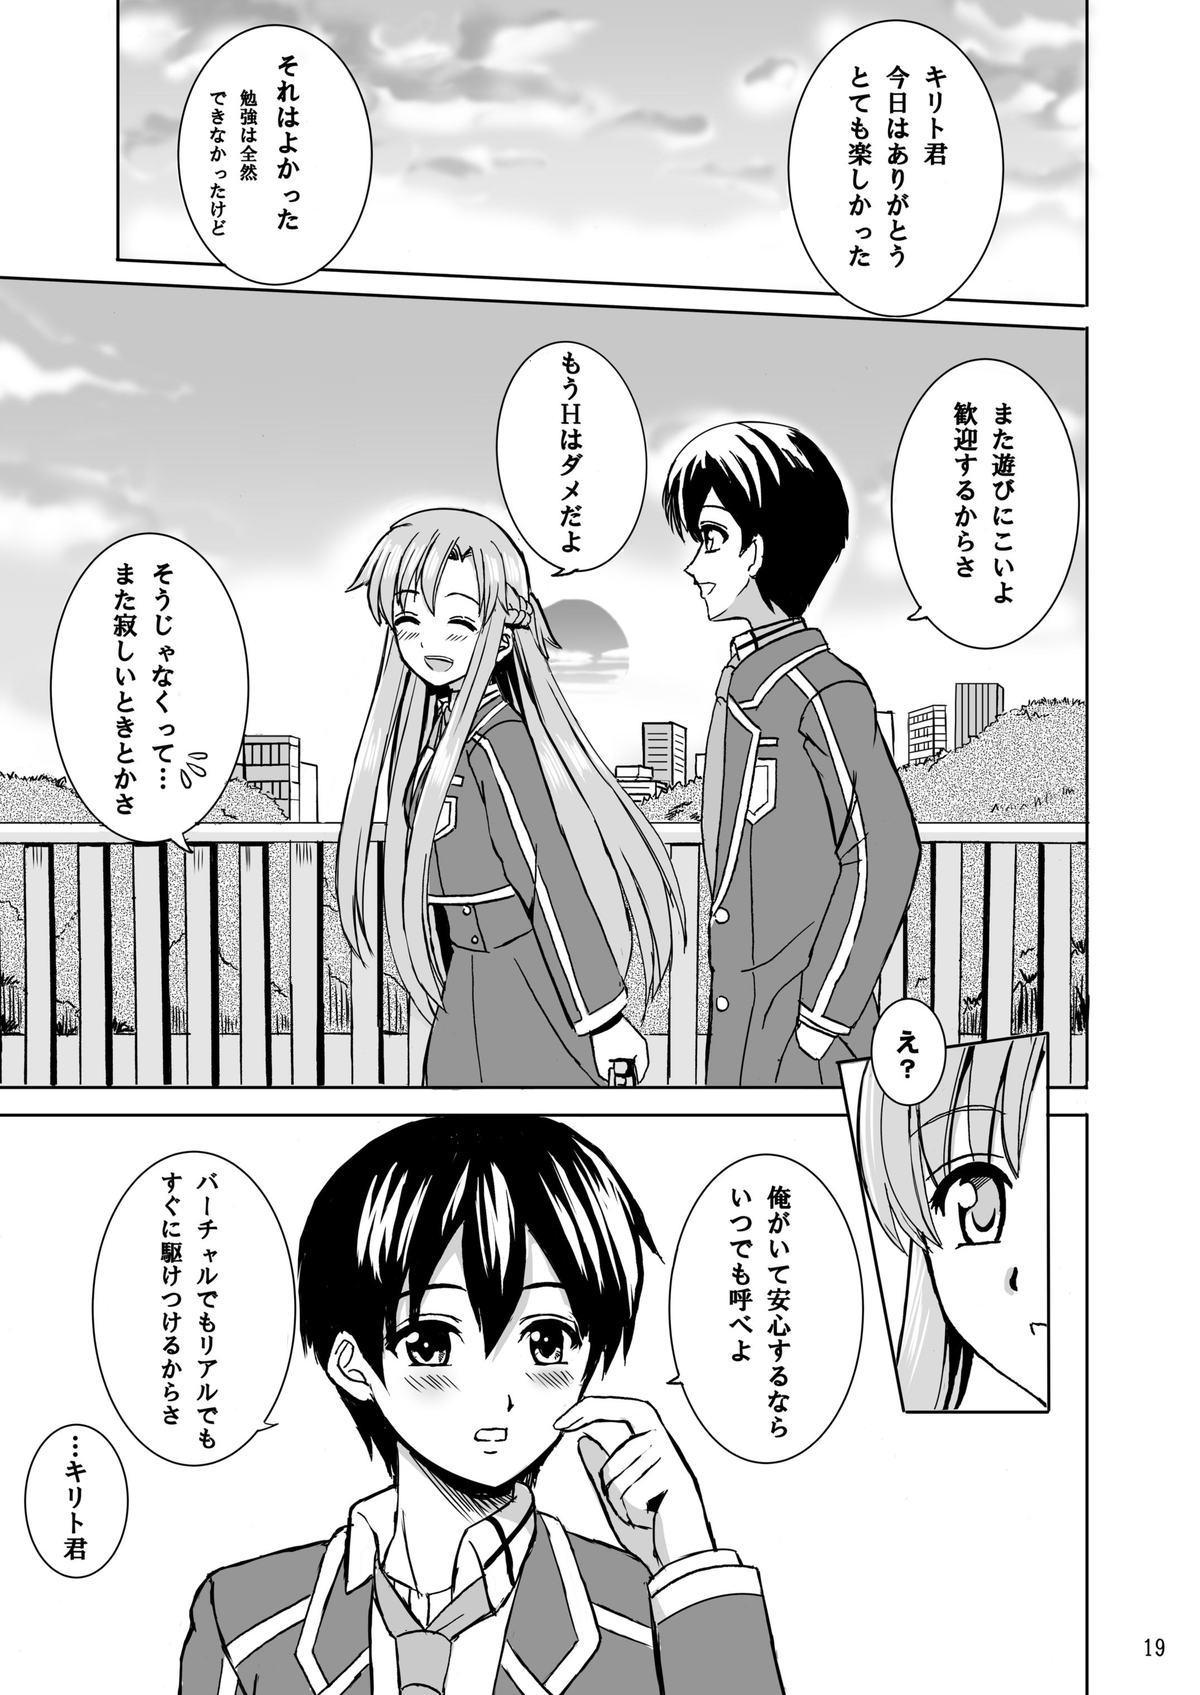 Zutto Kimi to Issho ni 18